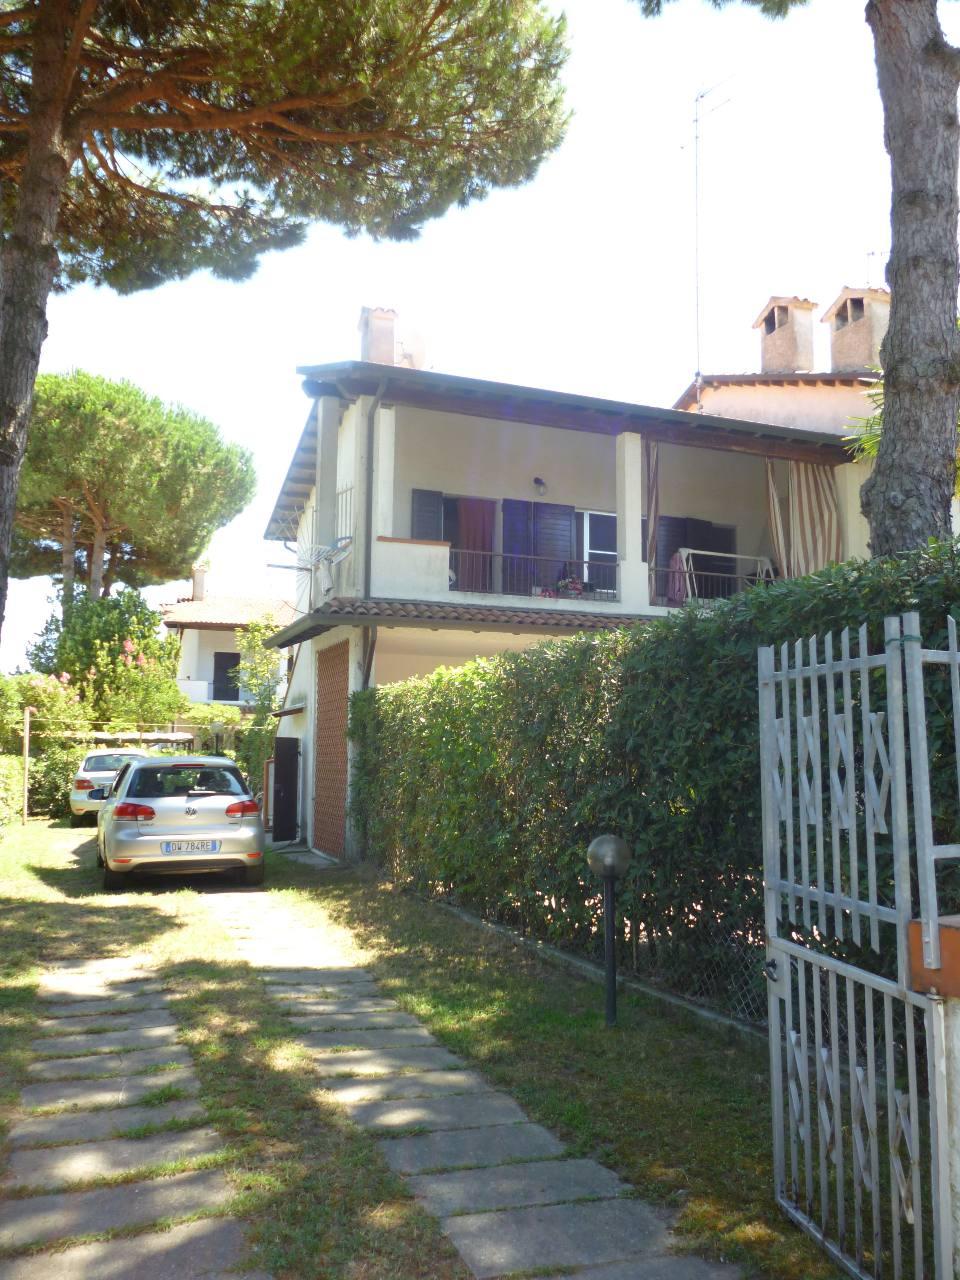 Appartamento in vendita a Comacchio, 2 locali, zona Località: Comacchio, prezzo € 95.000 | CambioCasa.it